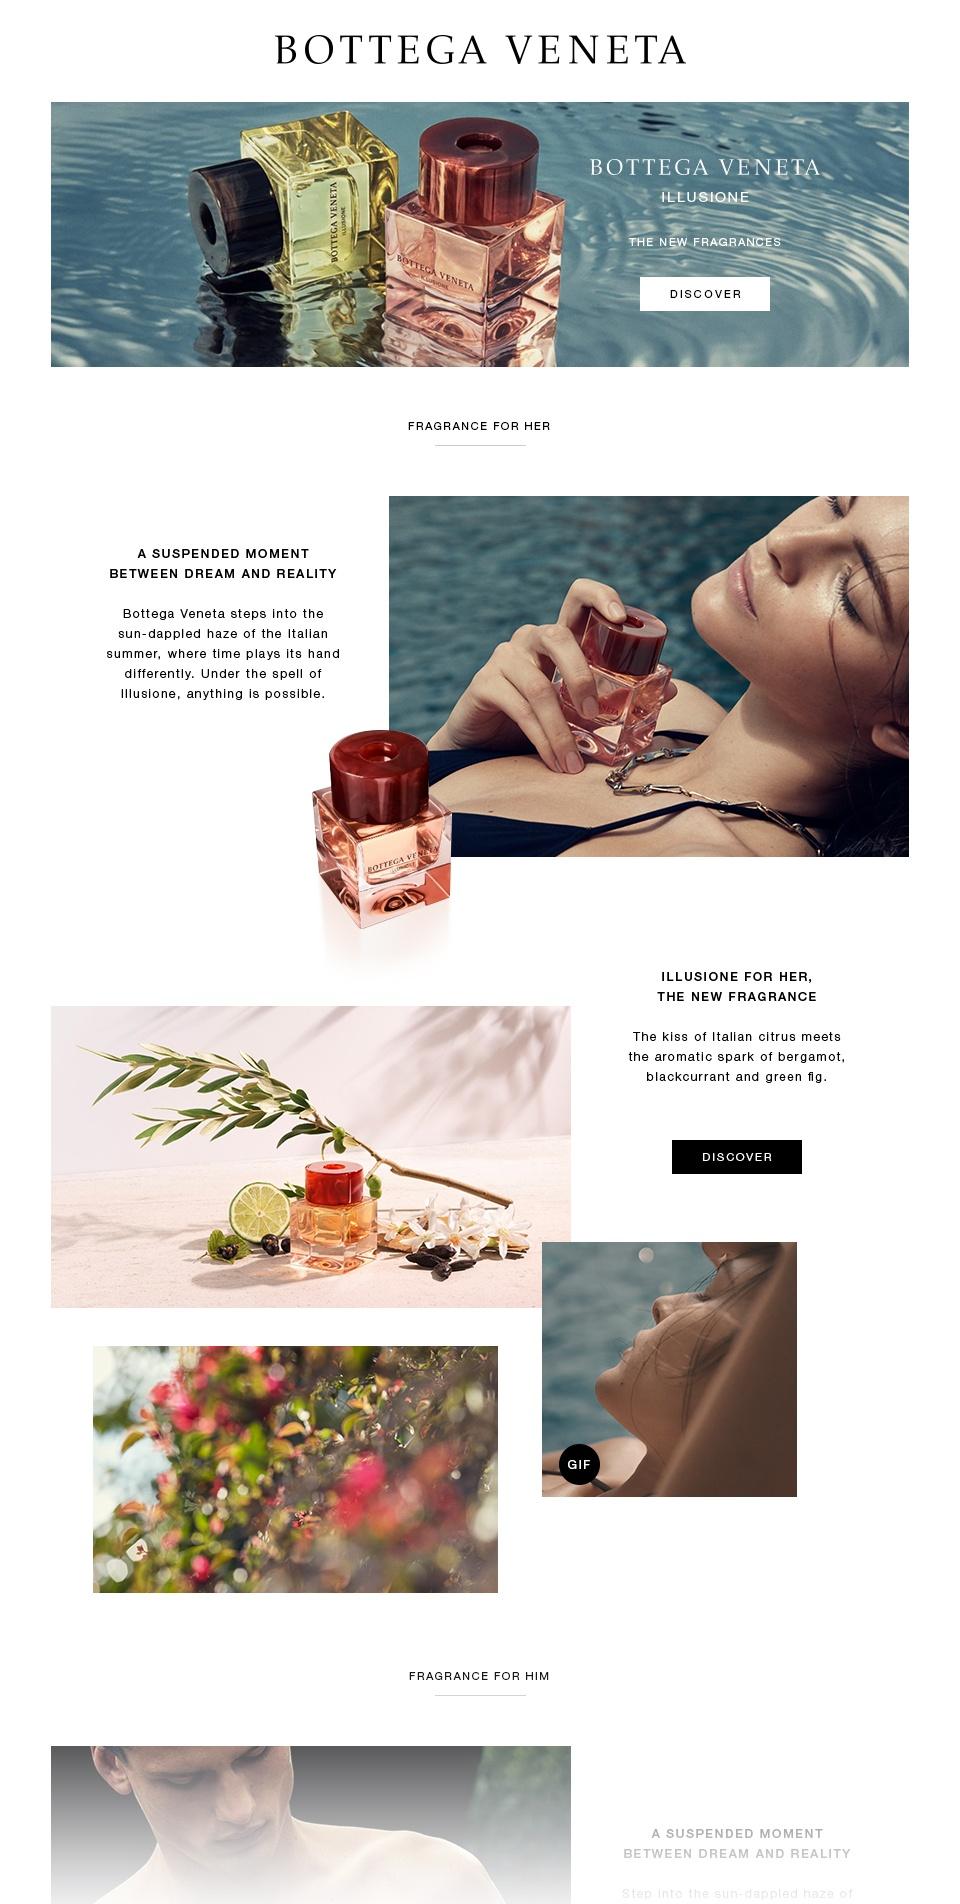 Bottega Veneta / Lancement Illusione pour Elle et Lui